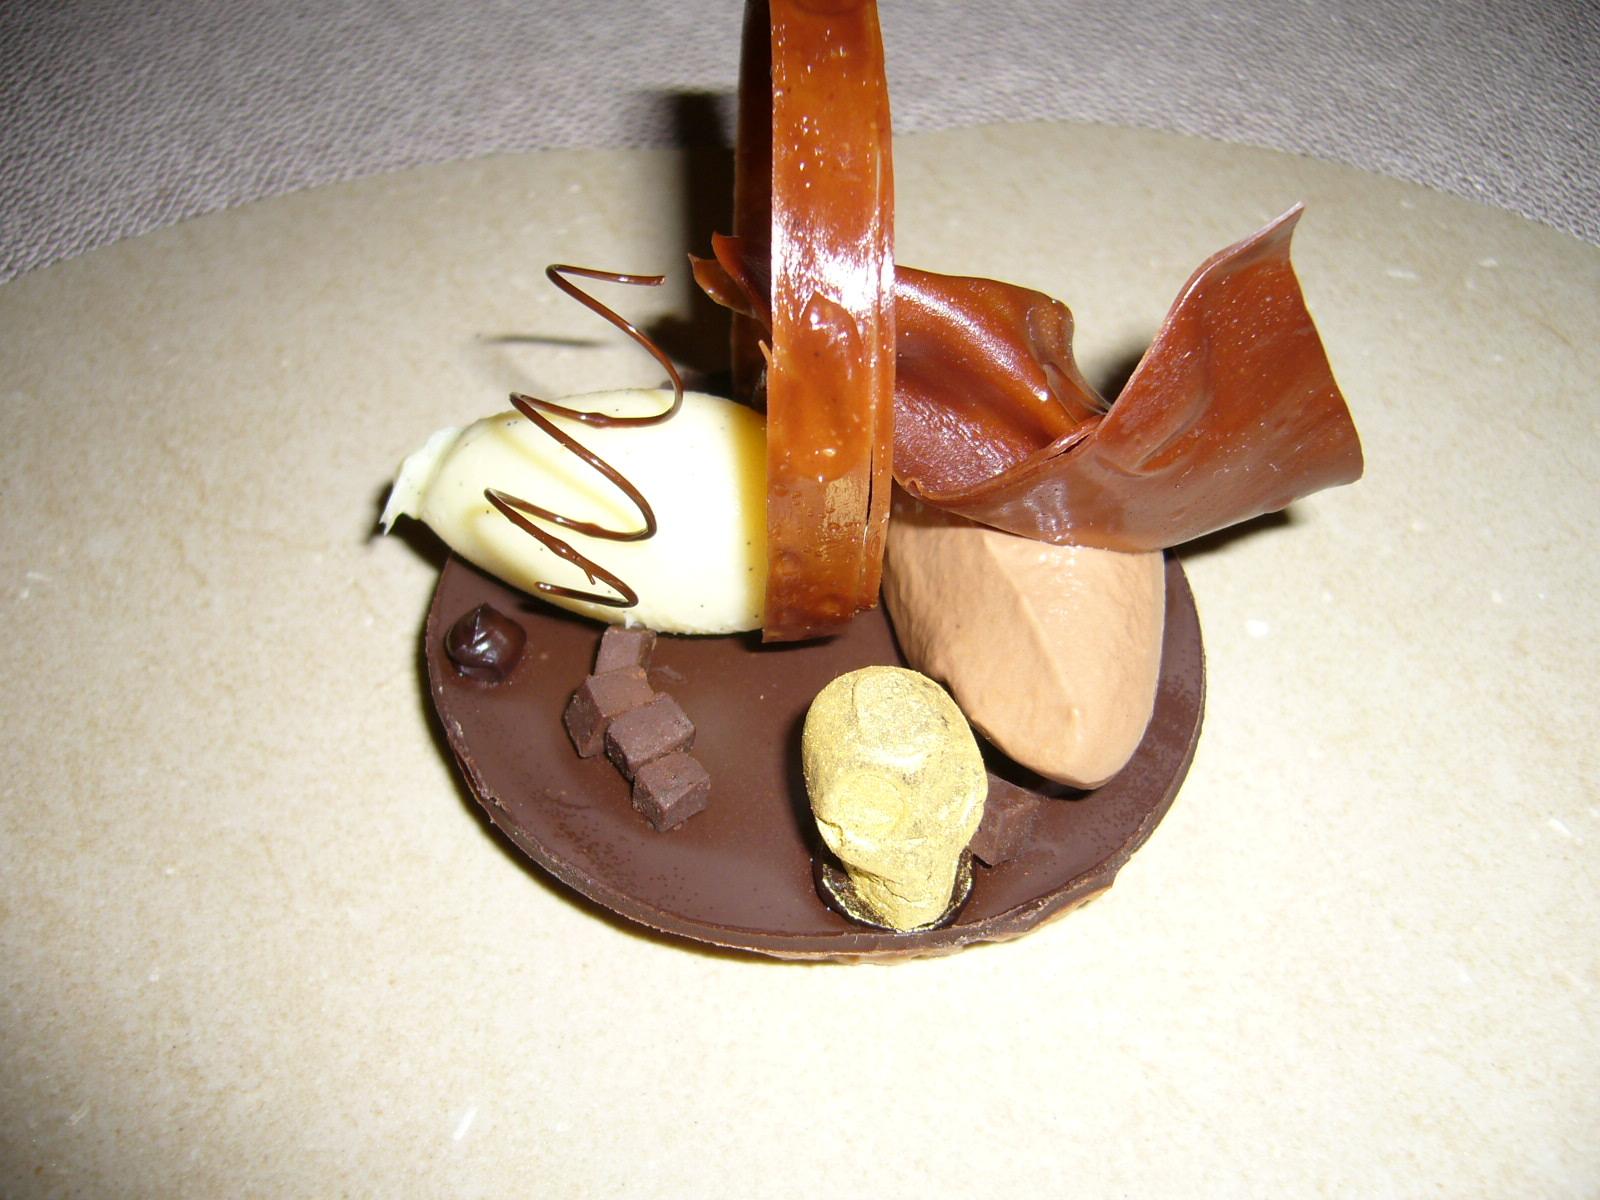 Restaurante Coque Pasión de chocolates